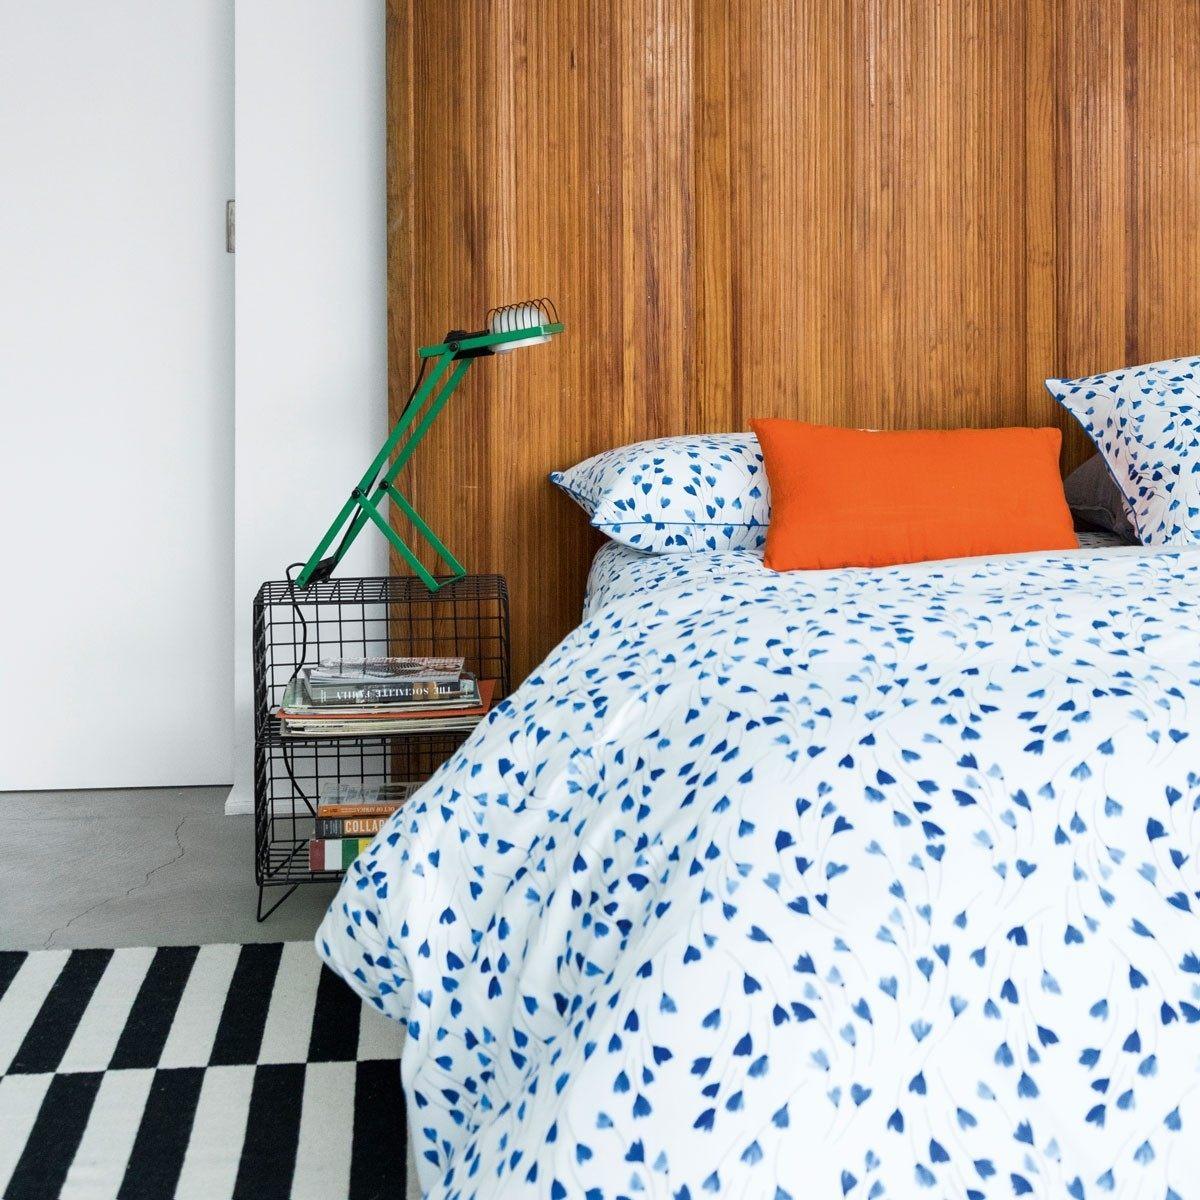 Parure de lit Olivier desforges Tocade Linge de lit haut de gamme